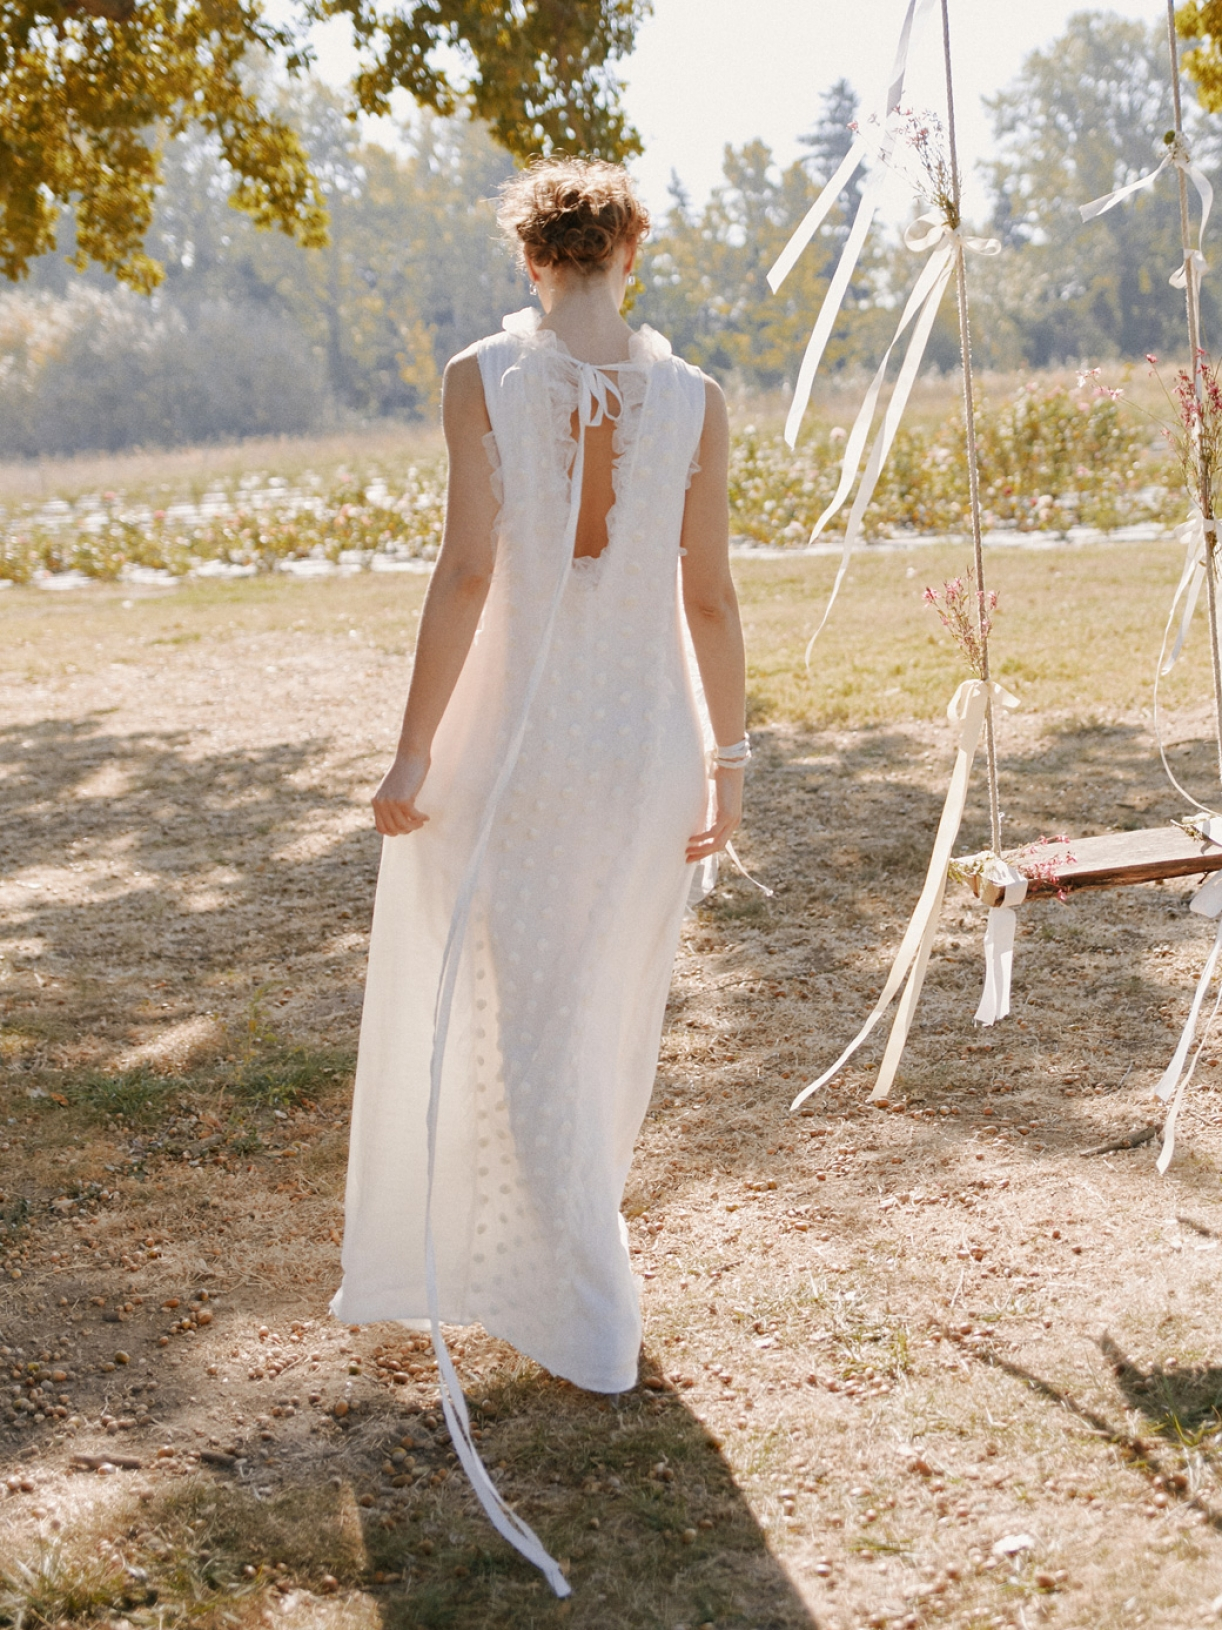 Robe de mariée équitable et écoresponsable - Myphilosophy créatrice Paris